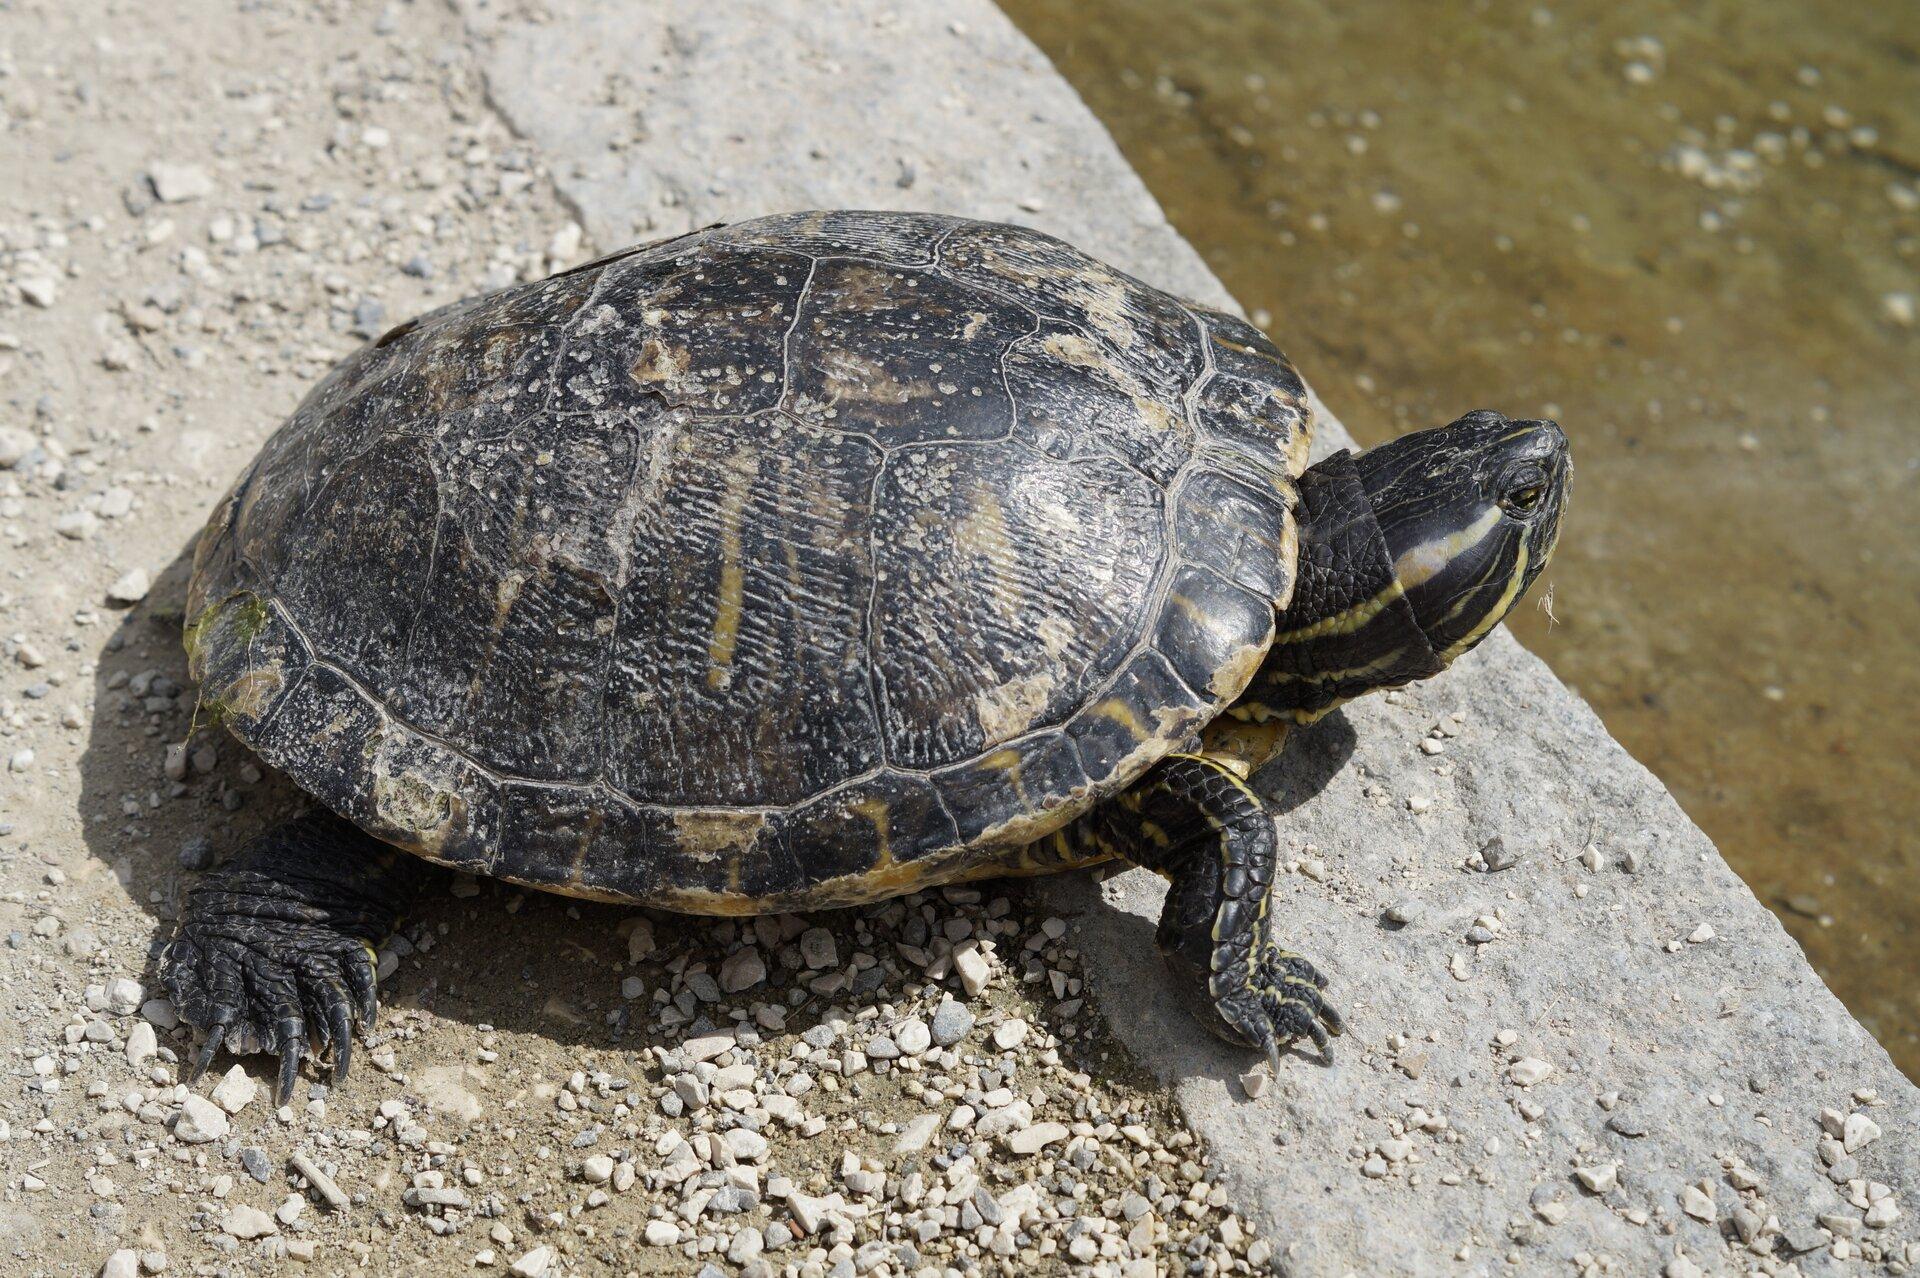 Fotografia przedstawia małego żółwia, wychodzącego zwody na kawałek drewna. Żółw ma małą głowę na grubej szyi, skierowany wlewo. Skorupa płaska, łuski szerokie, czarno brązowe. Łapy masywne na końcach.